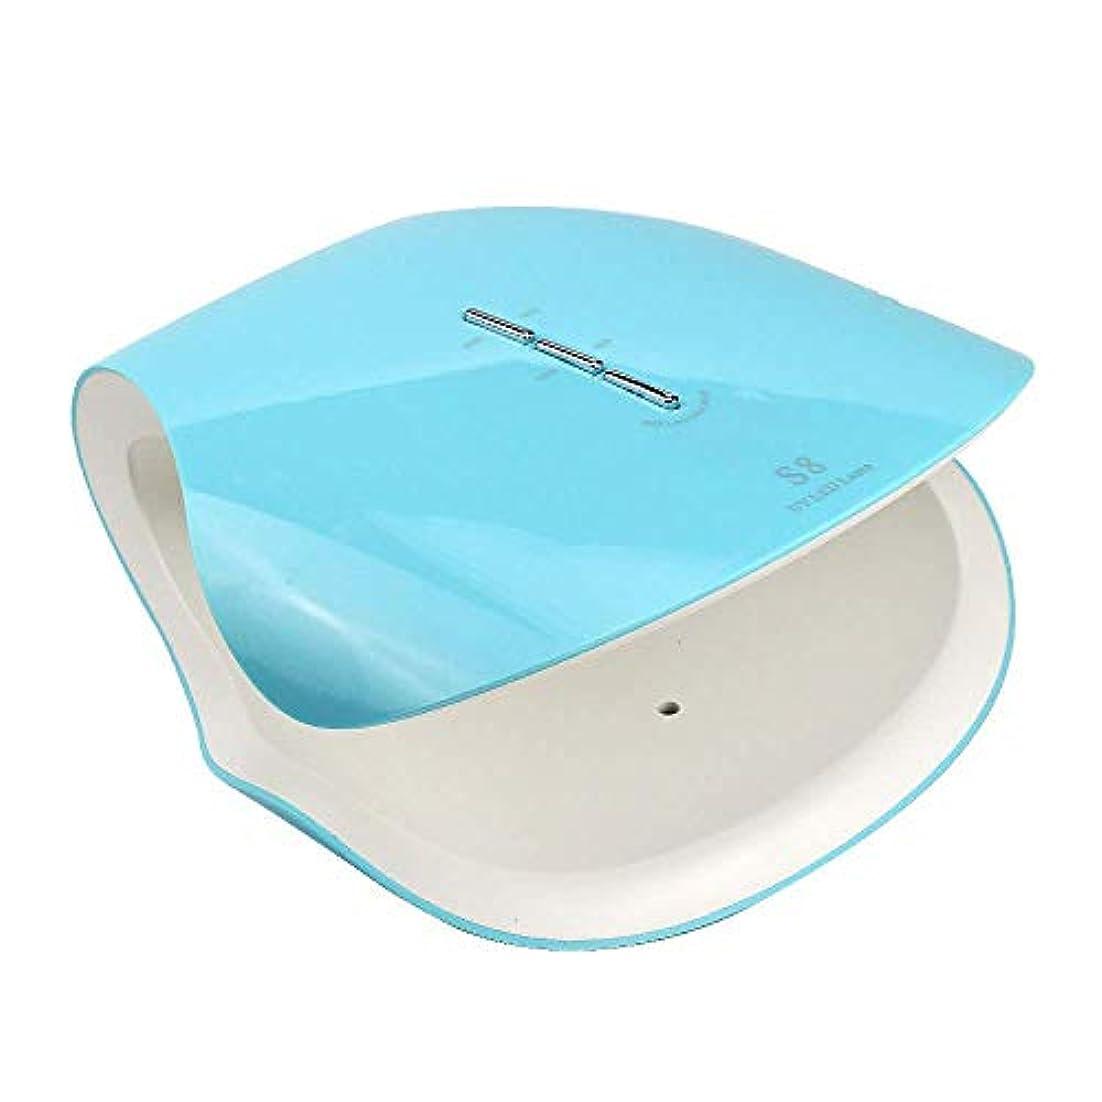 パイプ登場読みやすさ48ワットプロ硬化ネイルドライヤー機ネイルランプサロン機器uv ledライト療法ジェルポリッシュランプ適切なマニキュア、ブルー